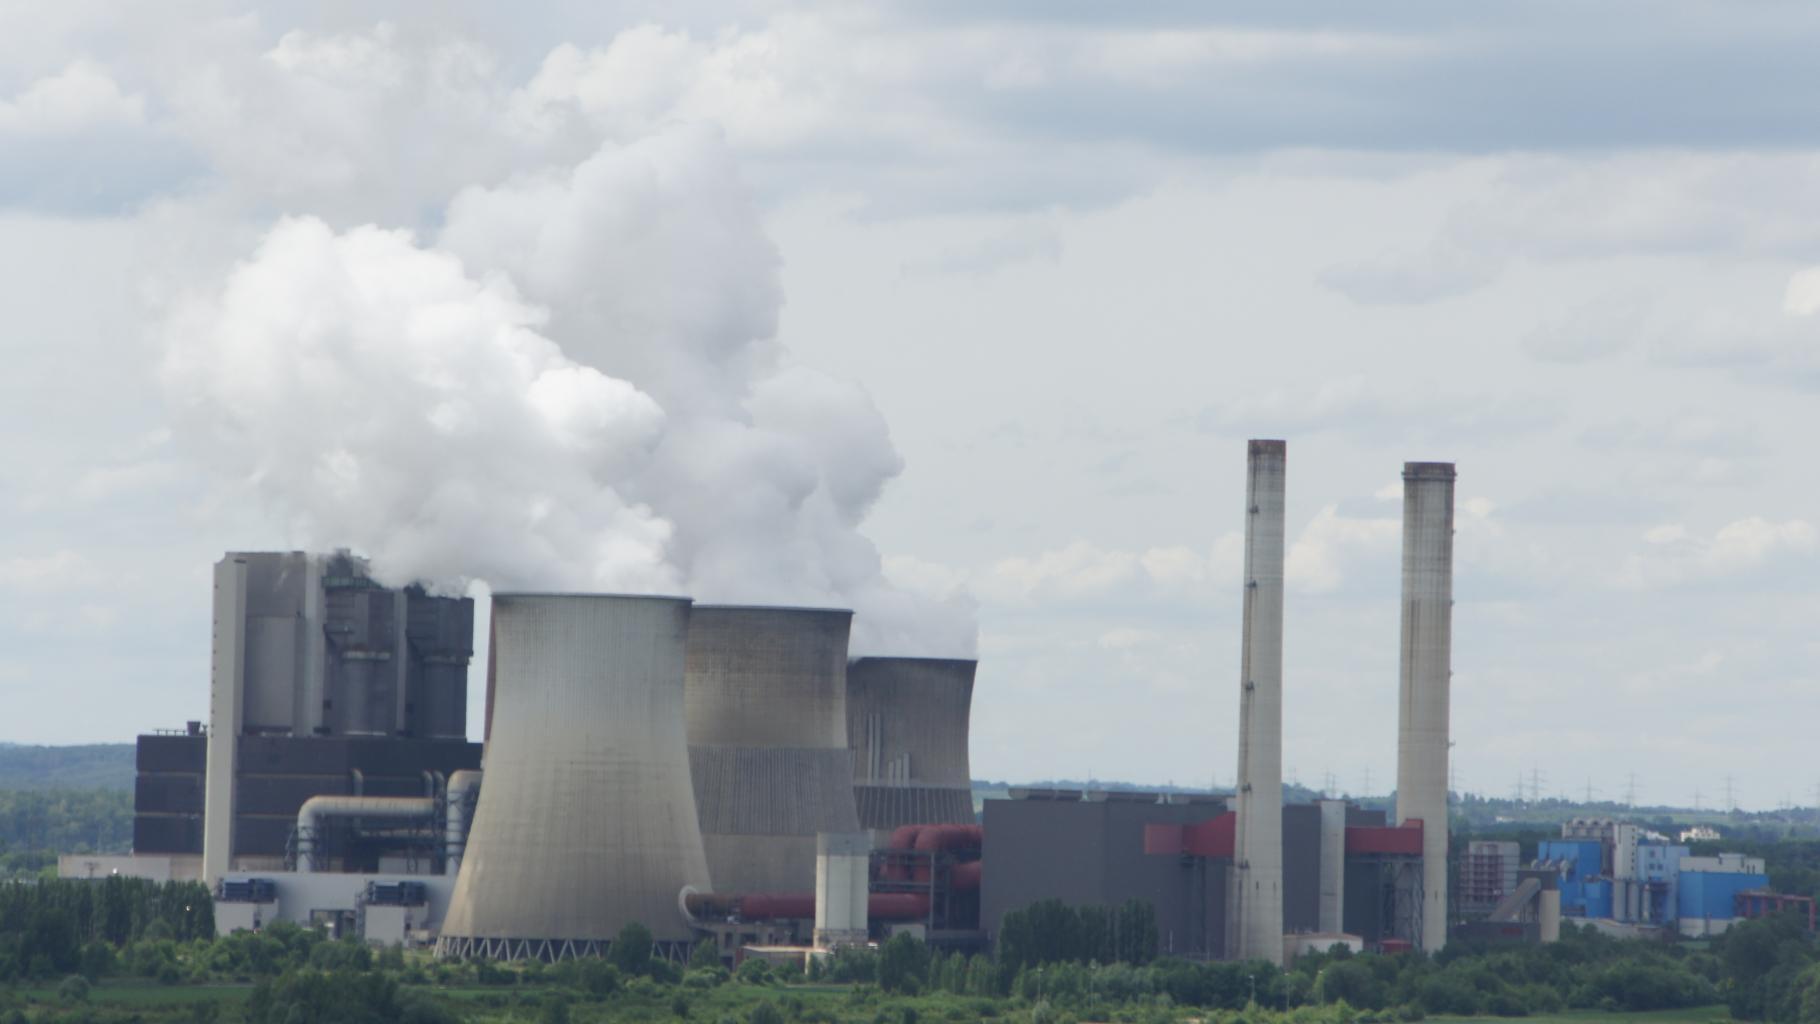 Kohlekraftwerk in Weisweiler - Kohleausstieg Deutschland